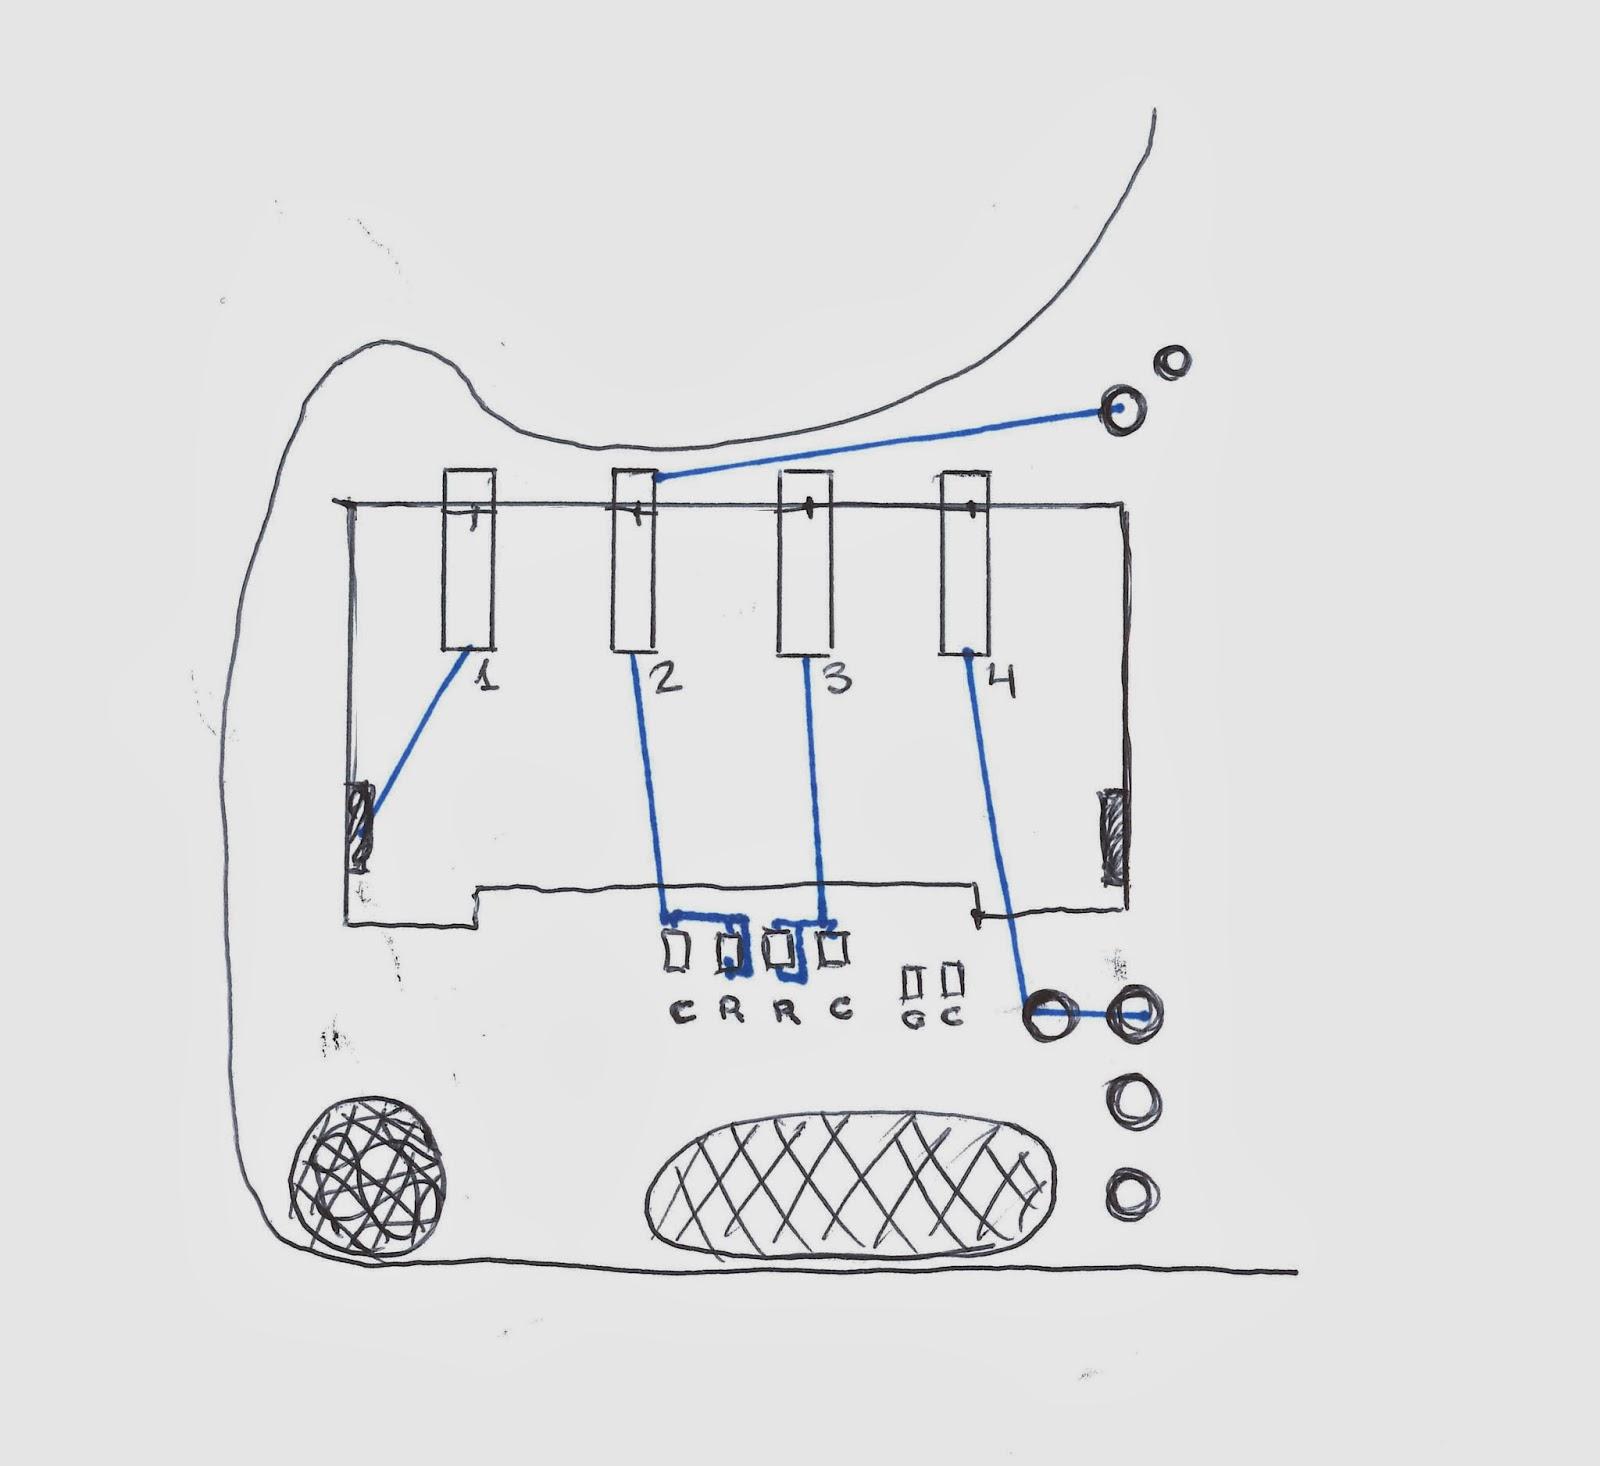 soluciones t u00e9cnicas  esquema conector bater u00eda iphone 4s